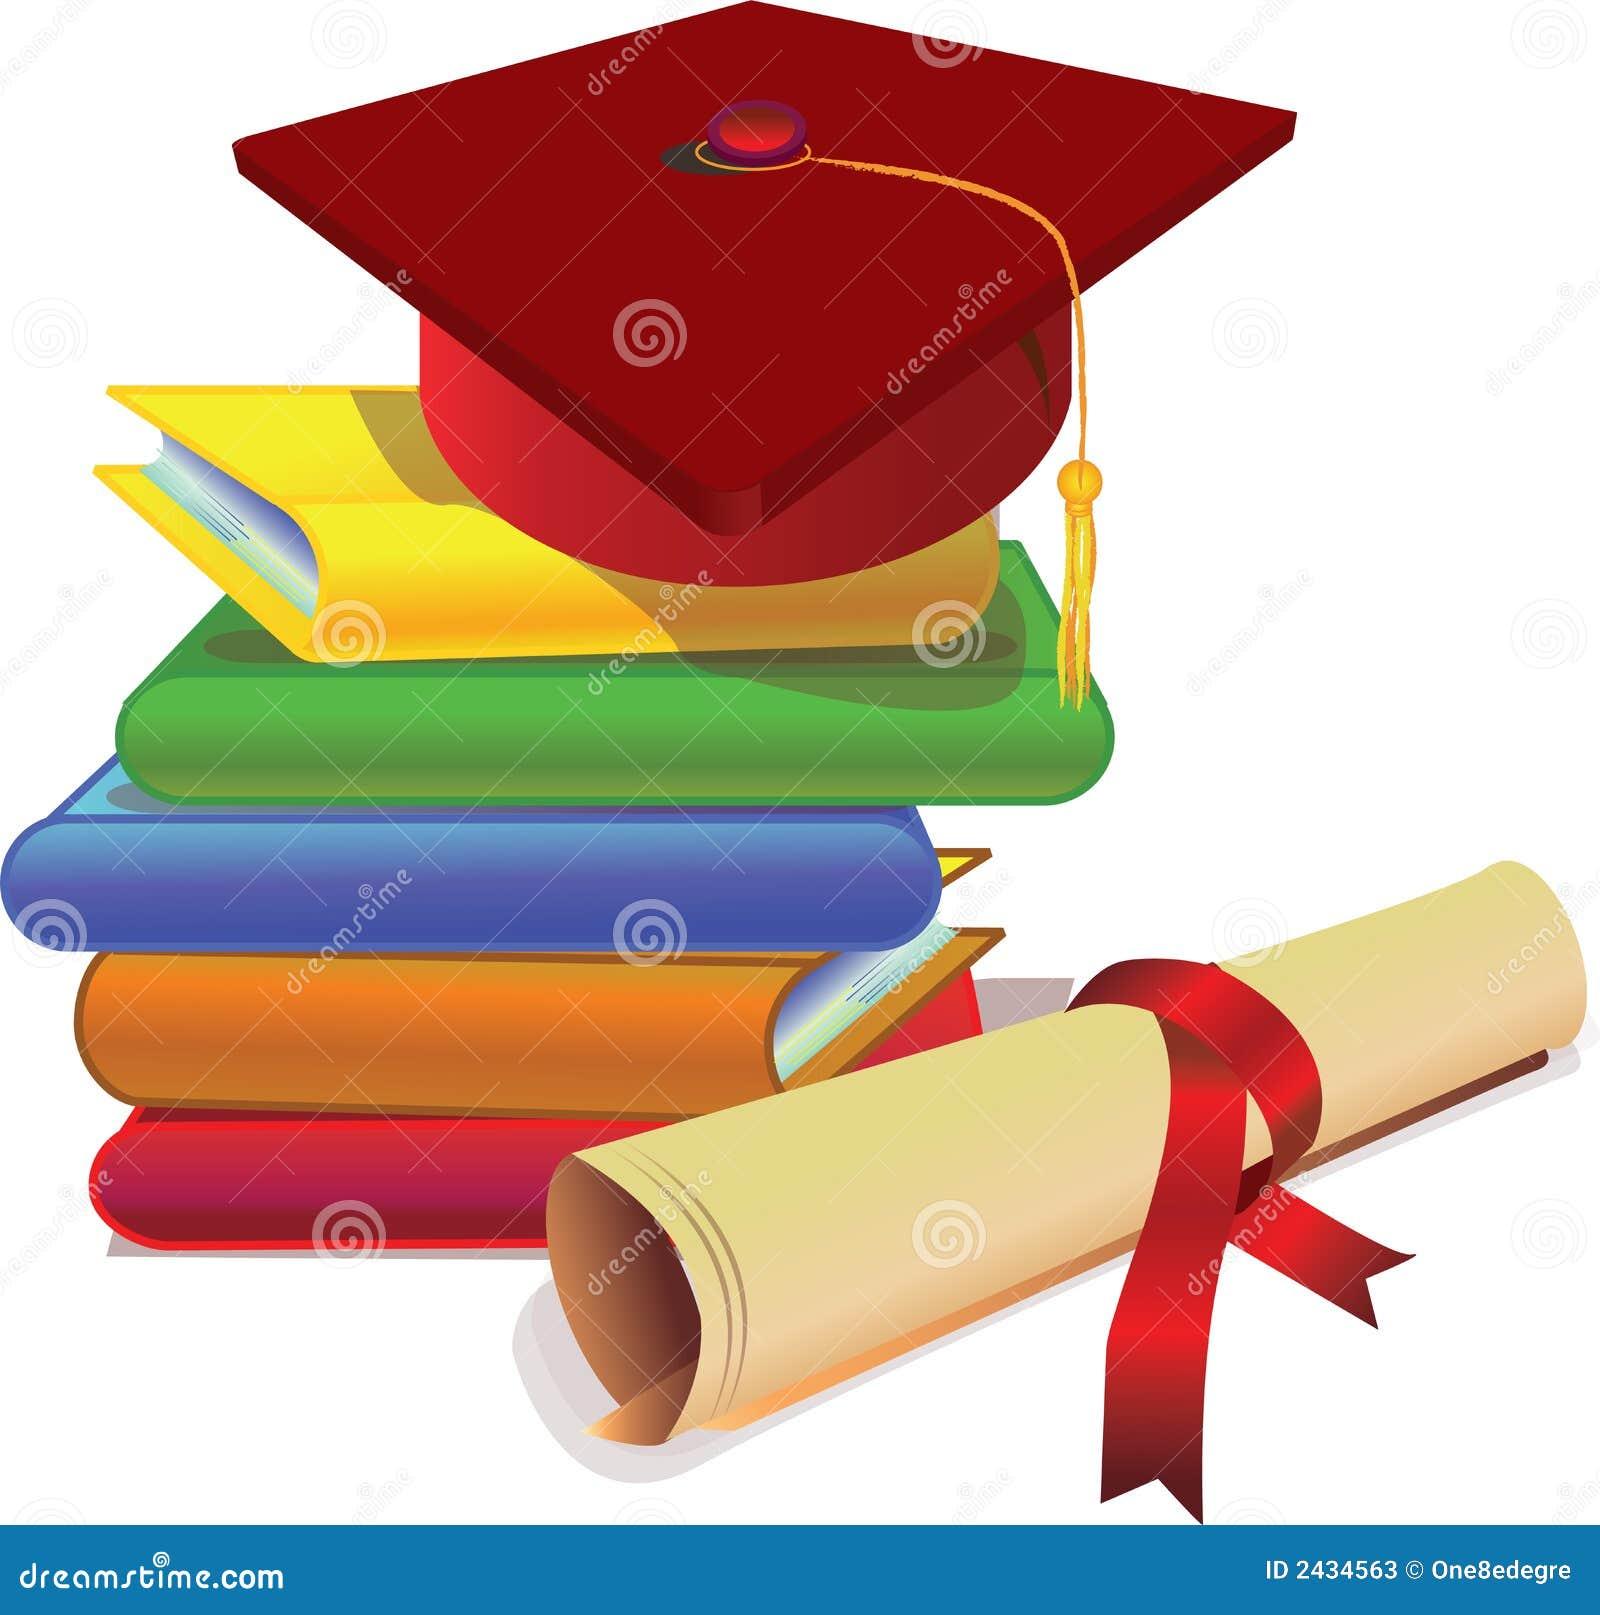 Graduation cap and degree